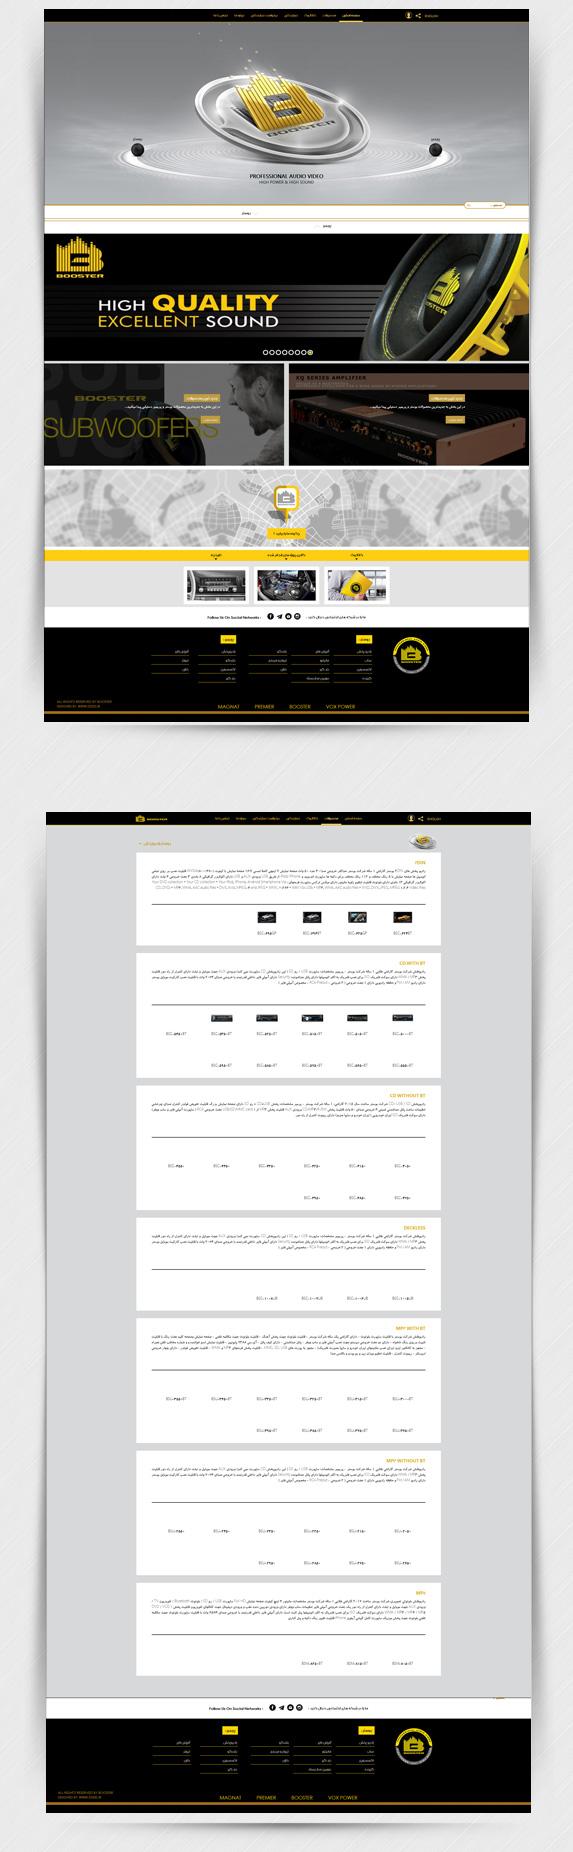 طراحی سایت شرکت بوستر